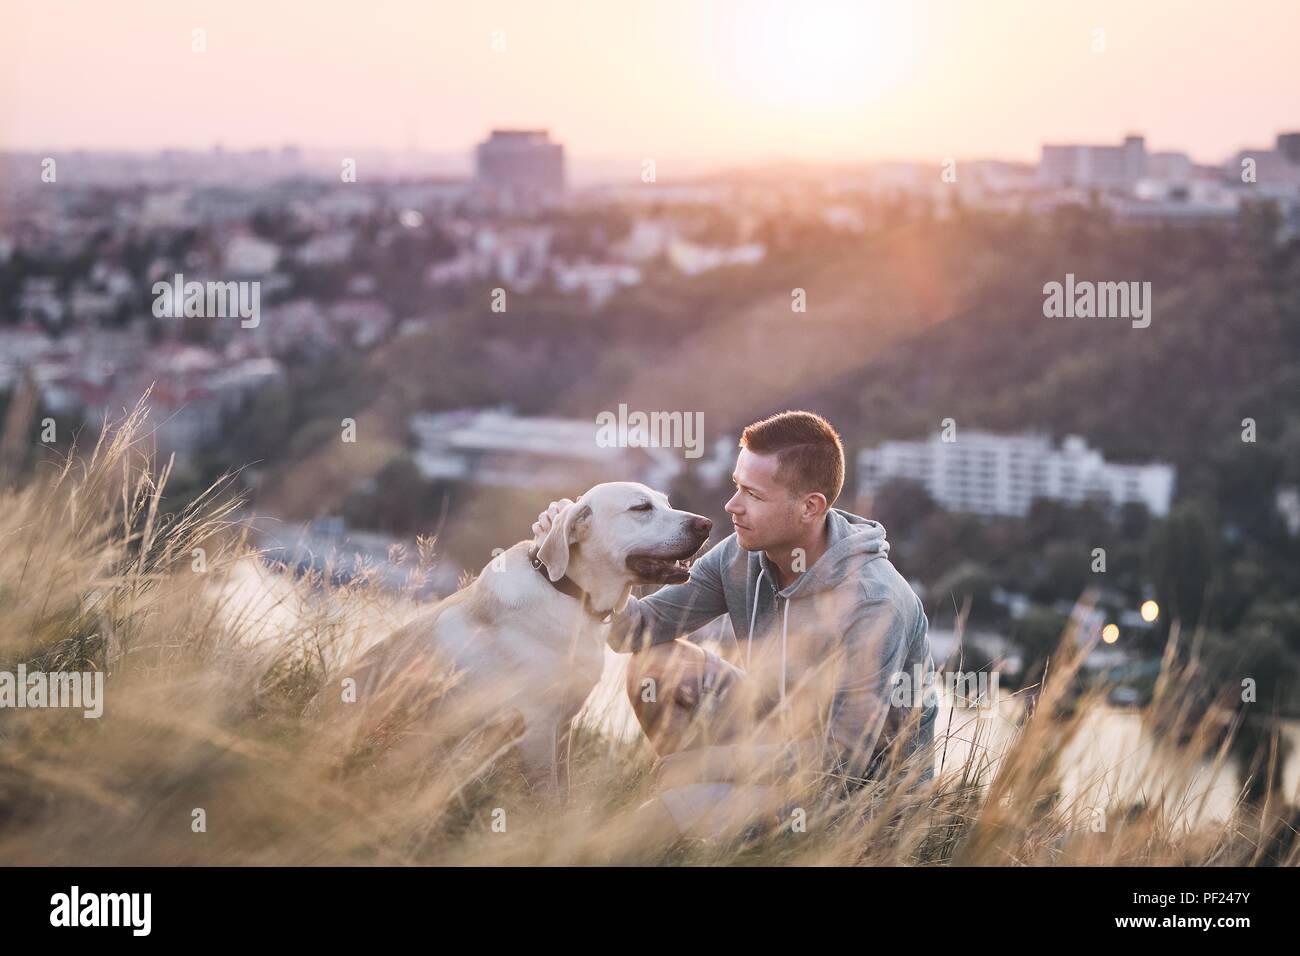 Caminar por la mañana con el perro. Joven y su perro labrador retriever en el prado contra la ciudad al amanecer. Imagen De Stock